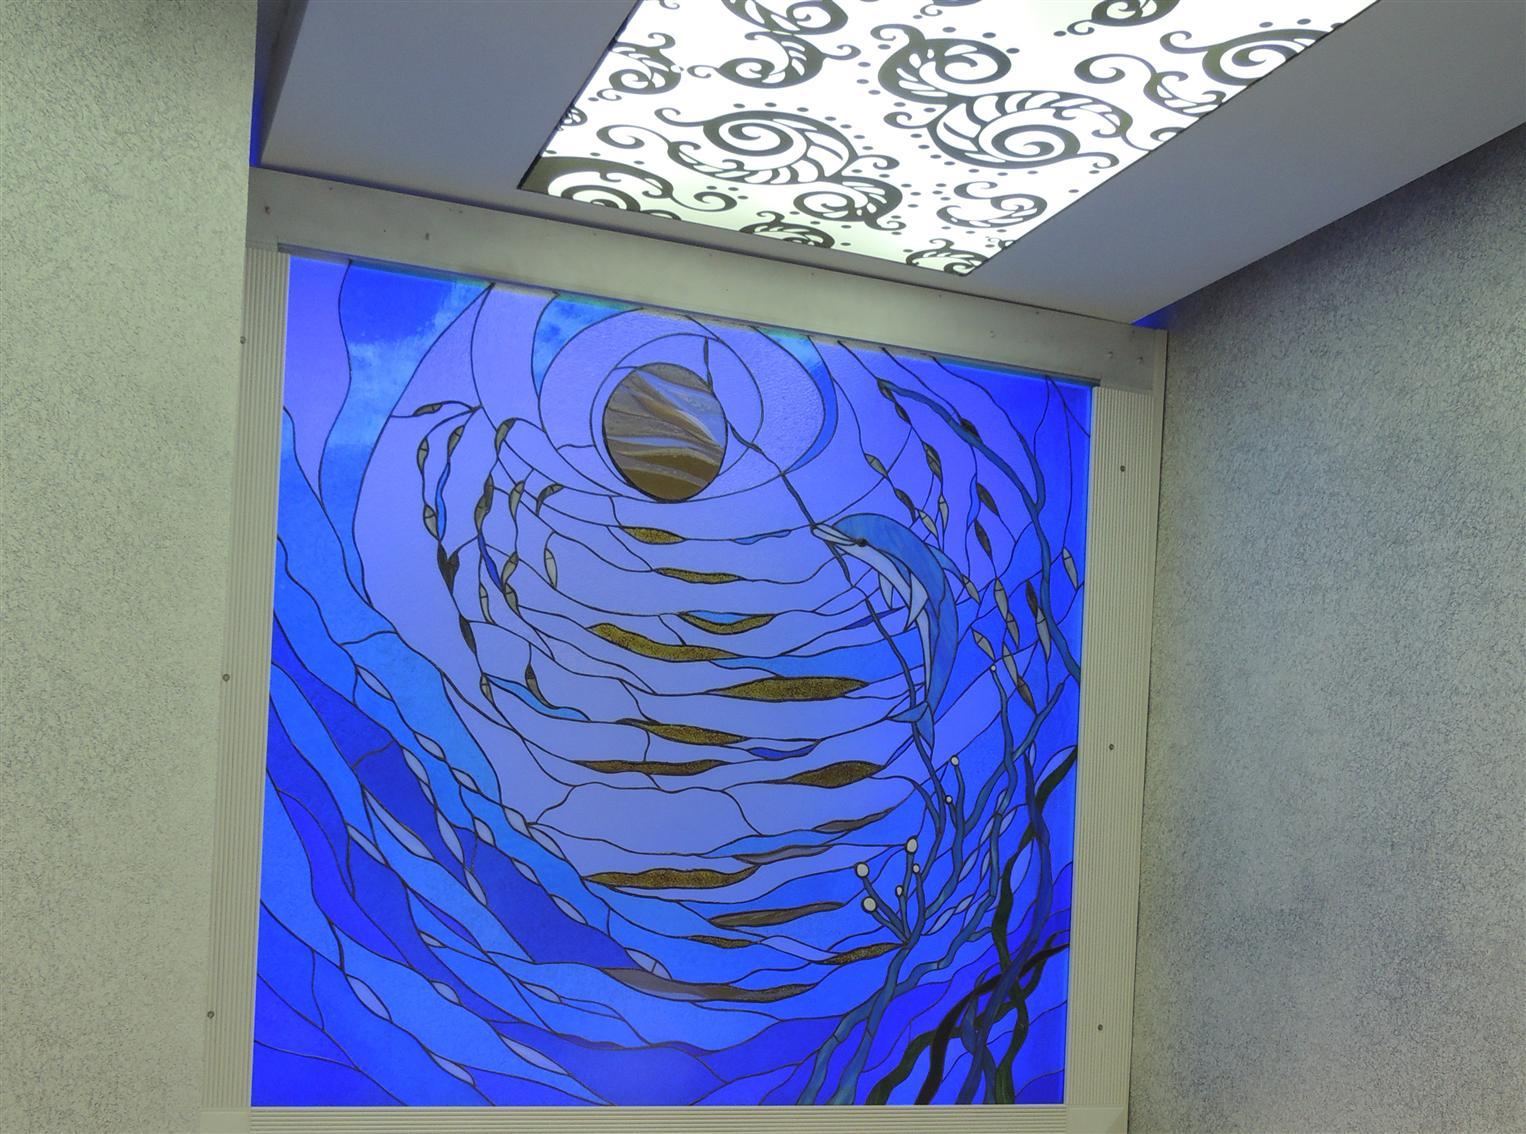 uckuyular-bogazici-restaurant2015921154112977.jpg izmir vitray çalışması